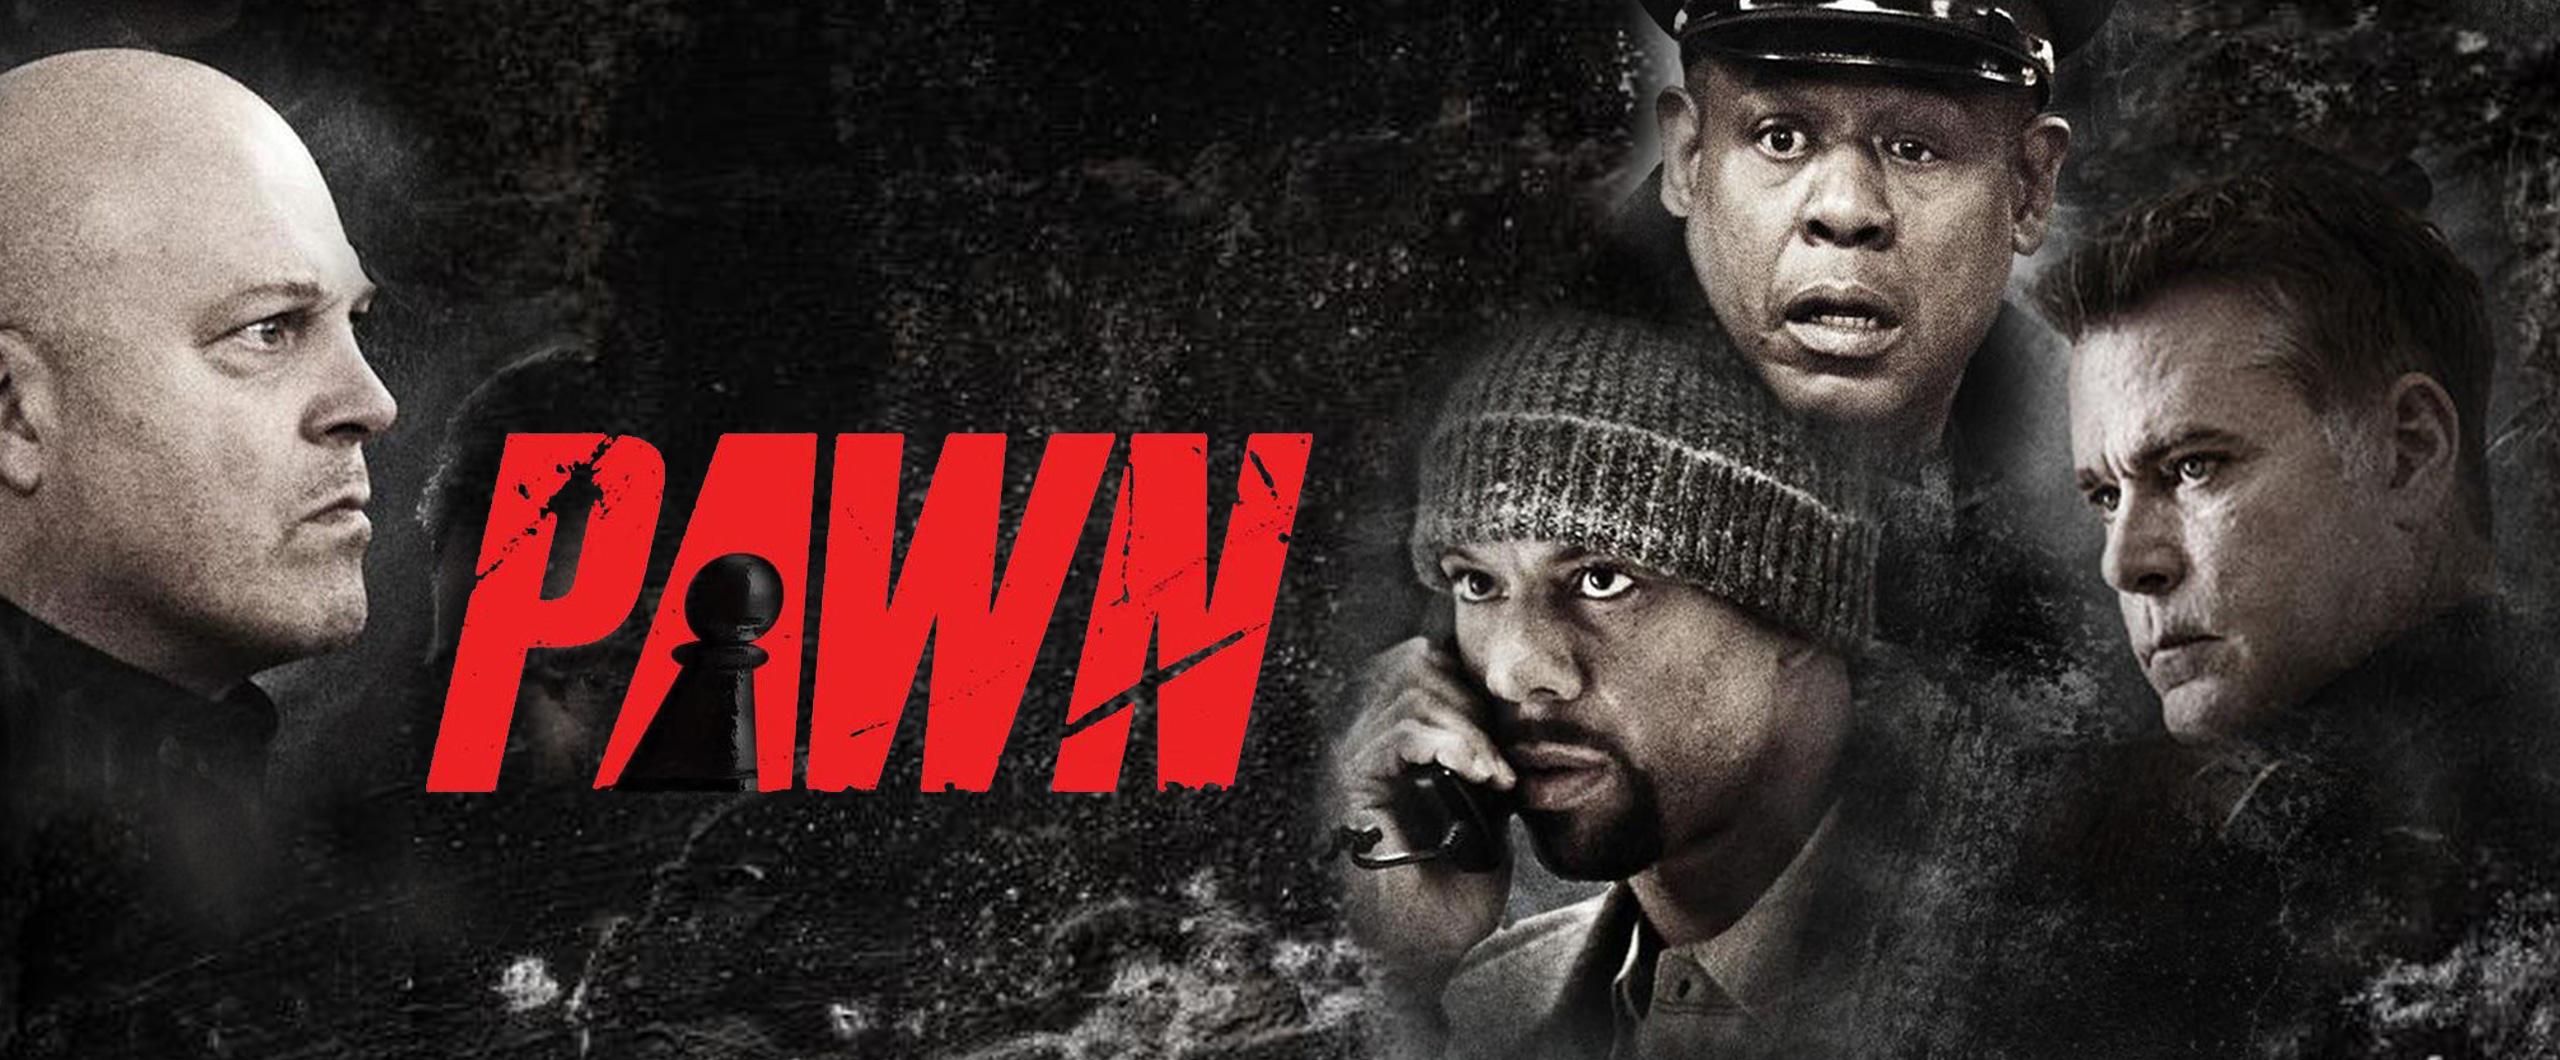 Pawn - May 23